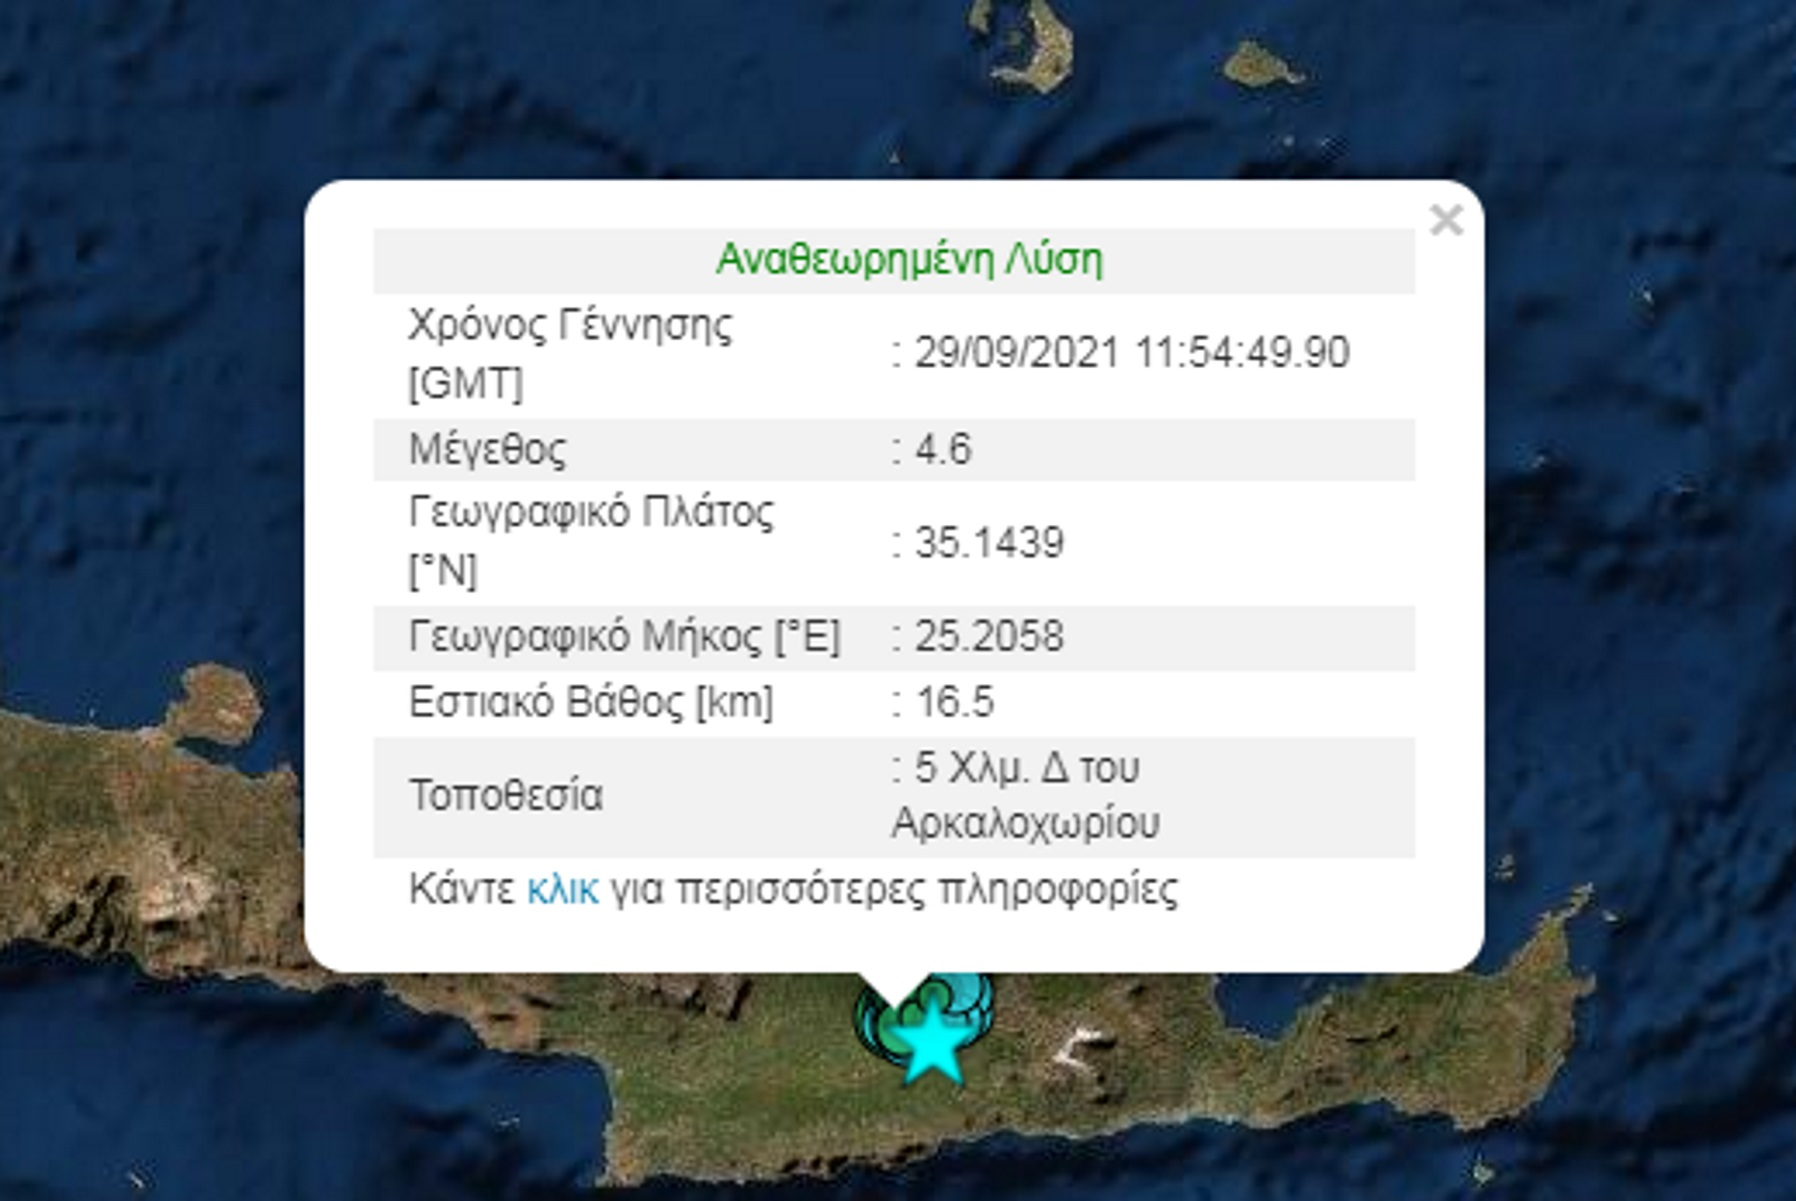 Σεισμός στην Κρήτη: 4,6 o μετασεισμός στο Αρκαλοχώρι